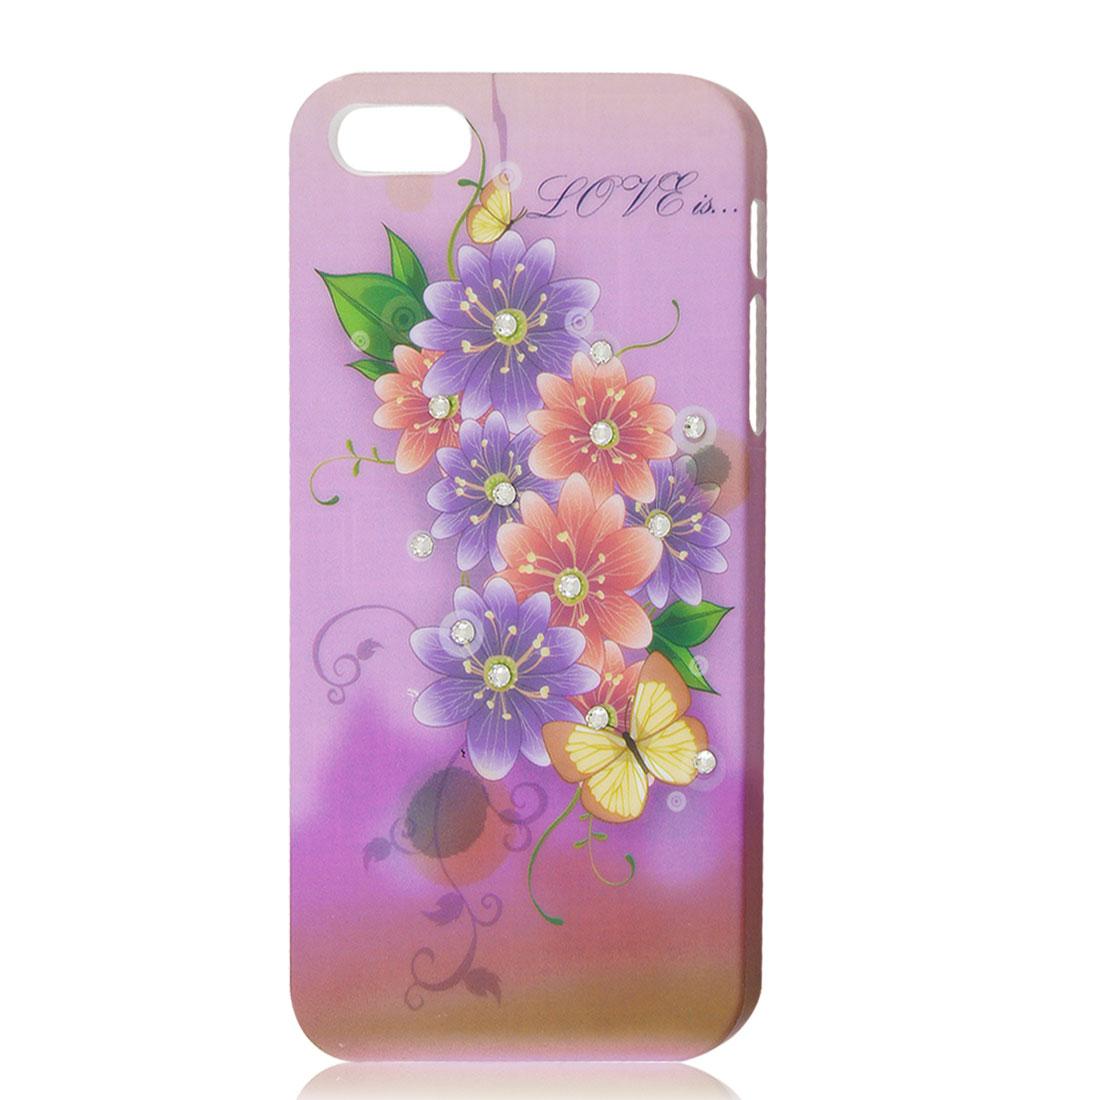 Light Purple Flower Glitter Bling Rhinestone Hard Back Case Cover Shell for iPhone 5 5G